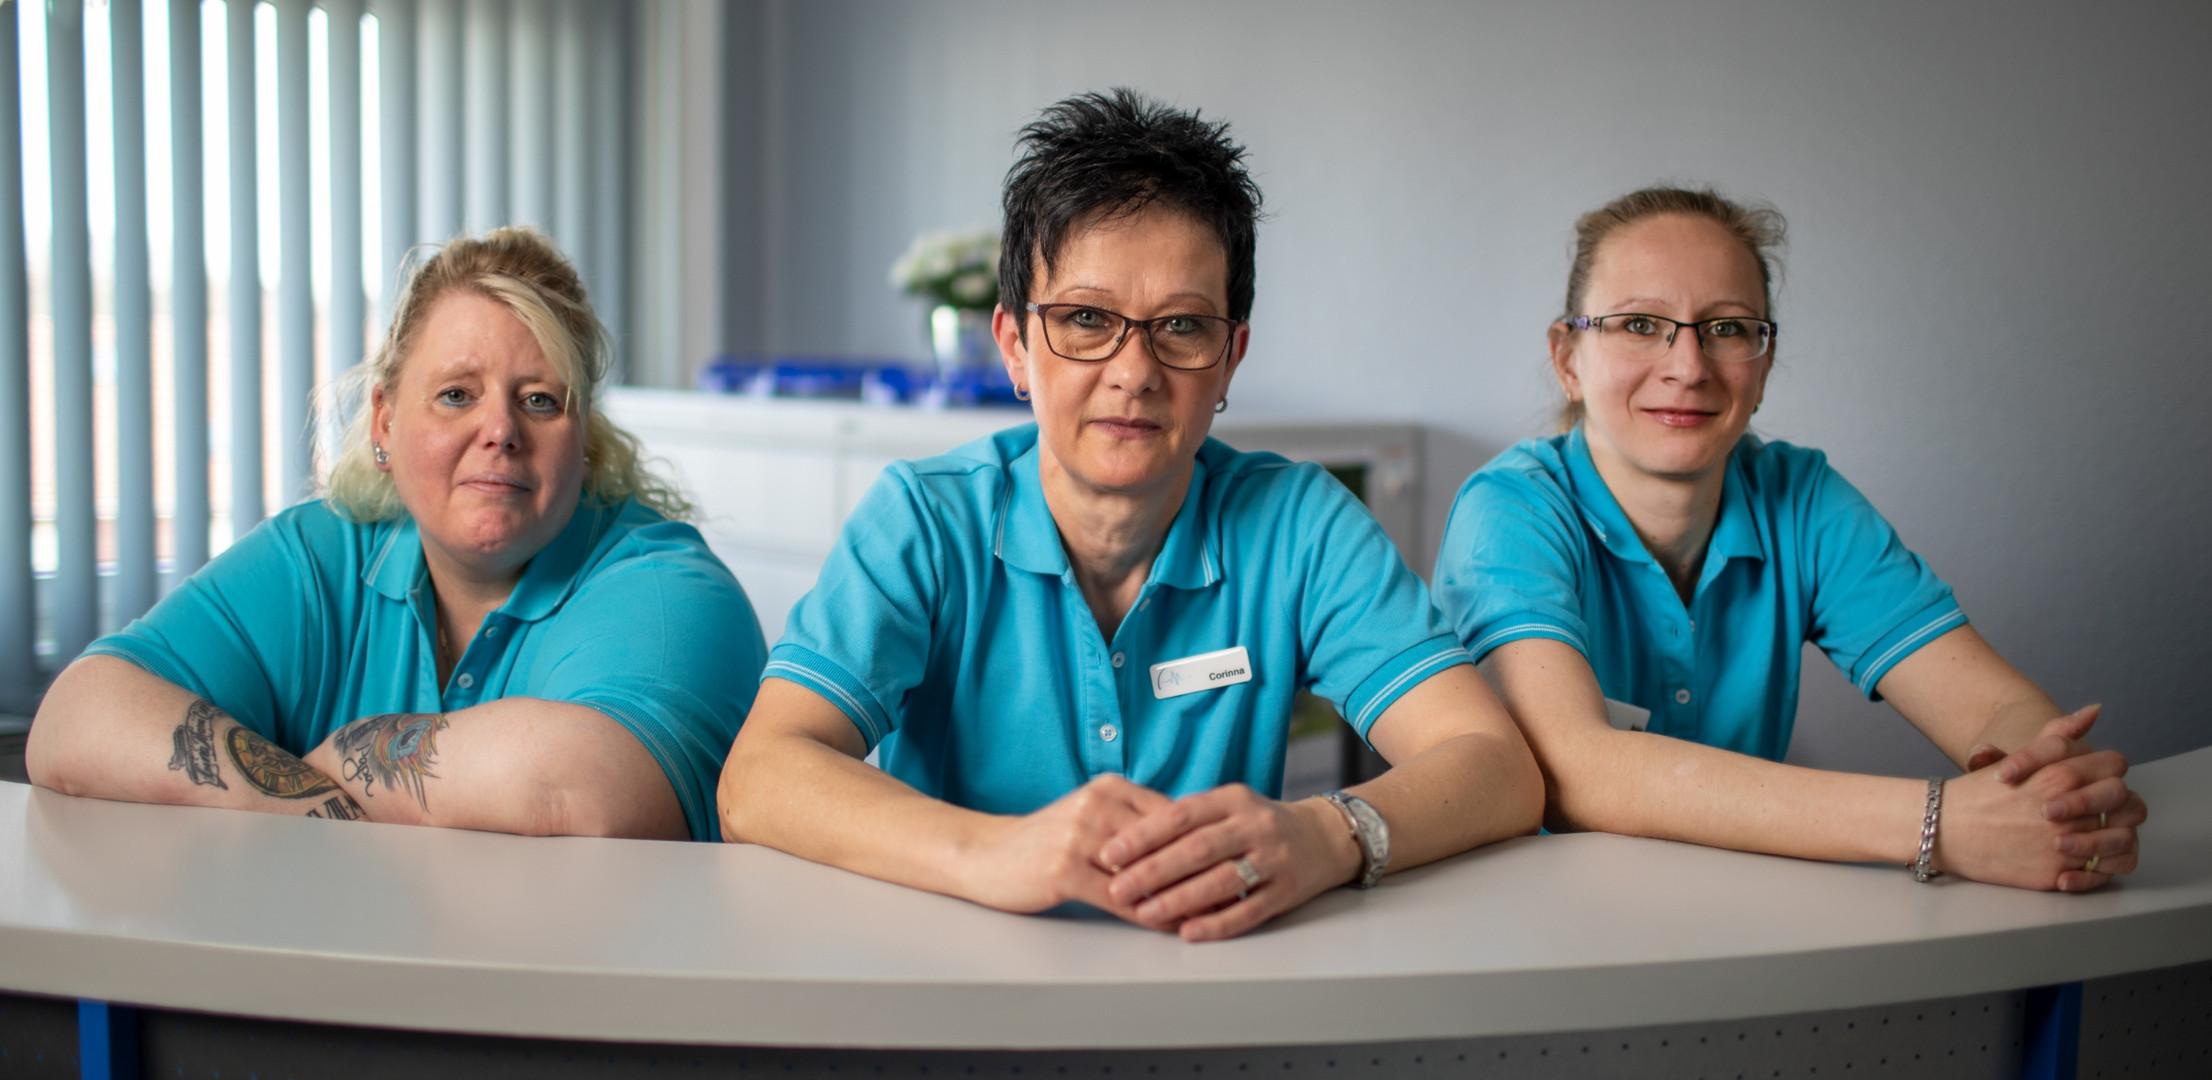 Wir sind für Sie da. Die Schwestern unserer Hausarztpraxis.